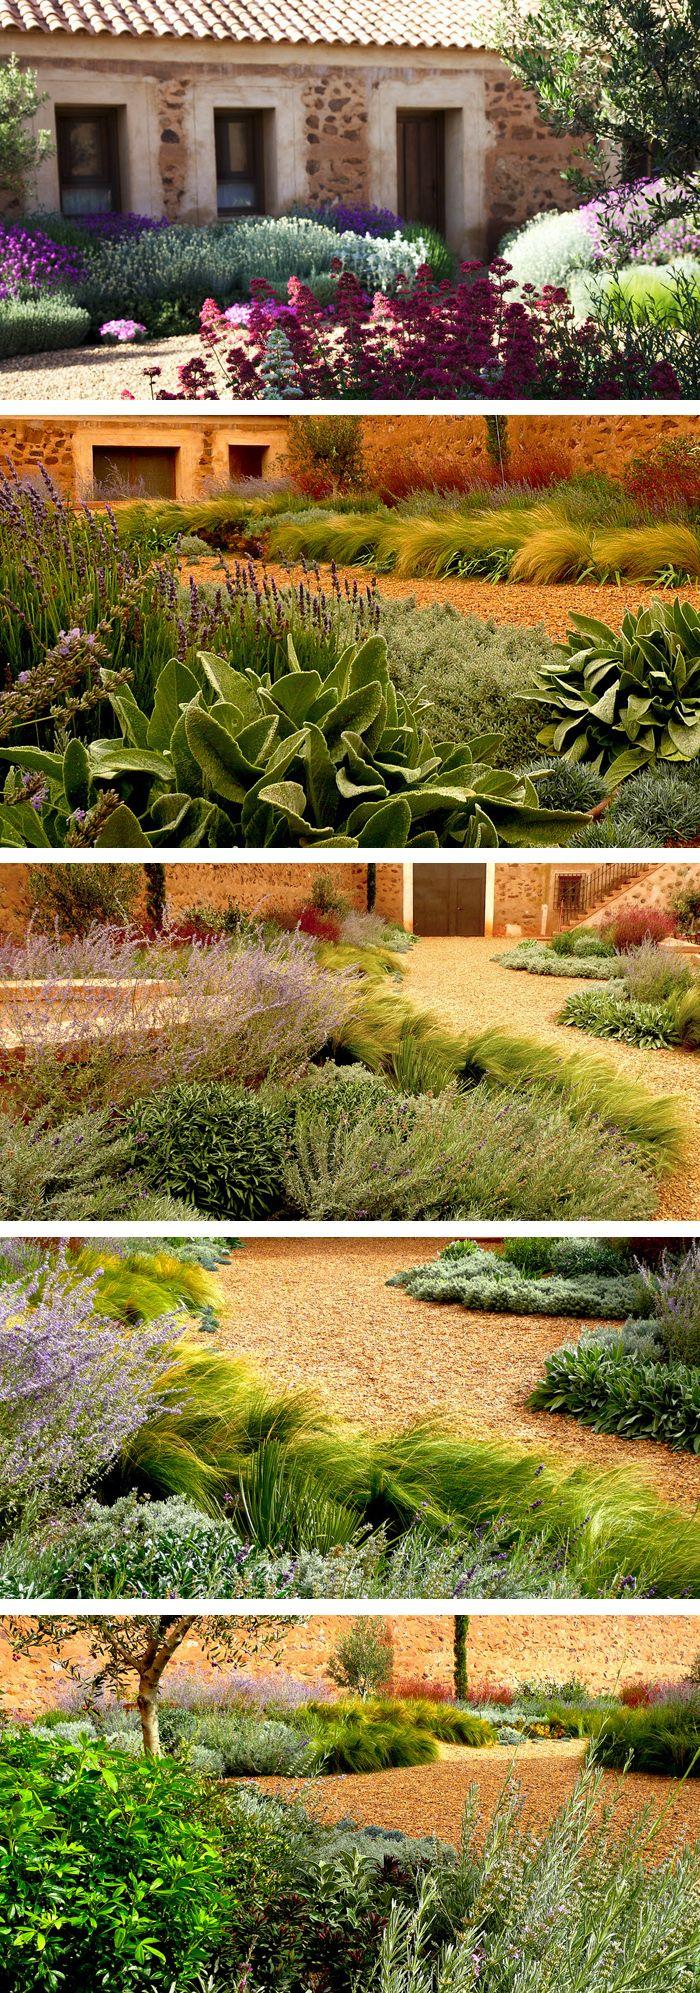 Pin By Andrew Fraser On Mediterranean Garden Landscape